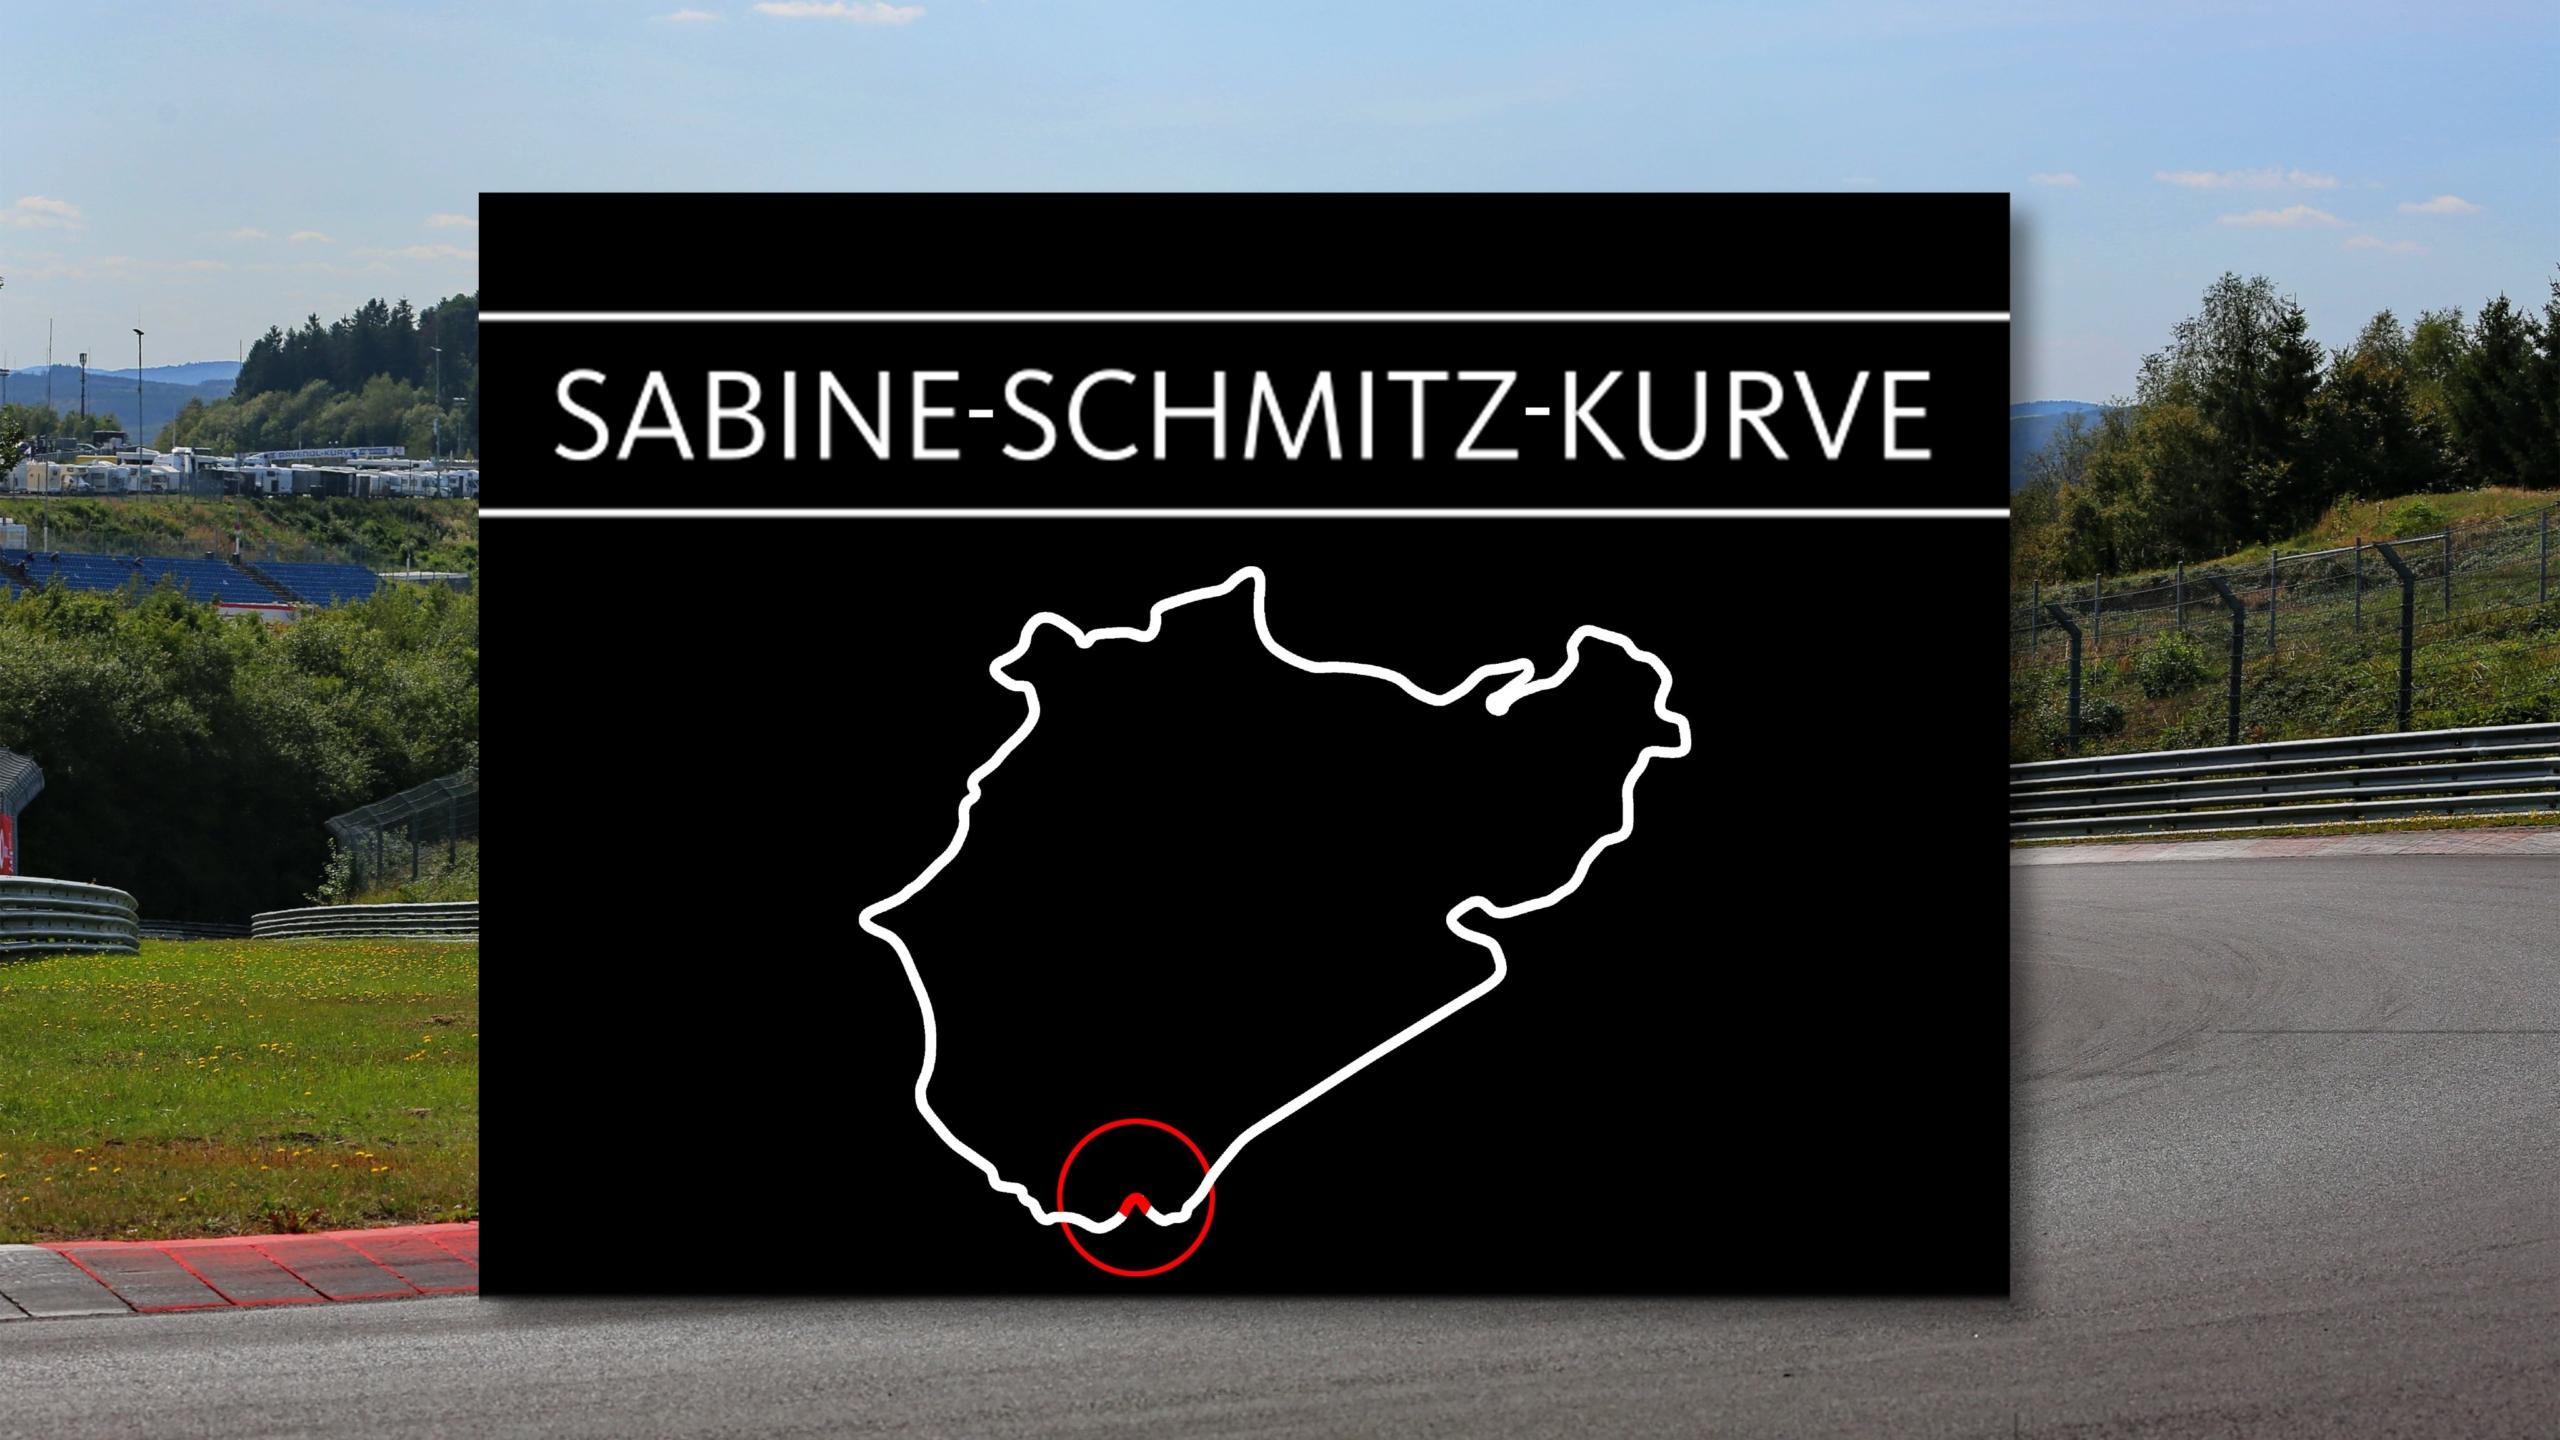 Nurburgring to name a corner after Sabine Schmitz